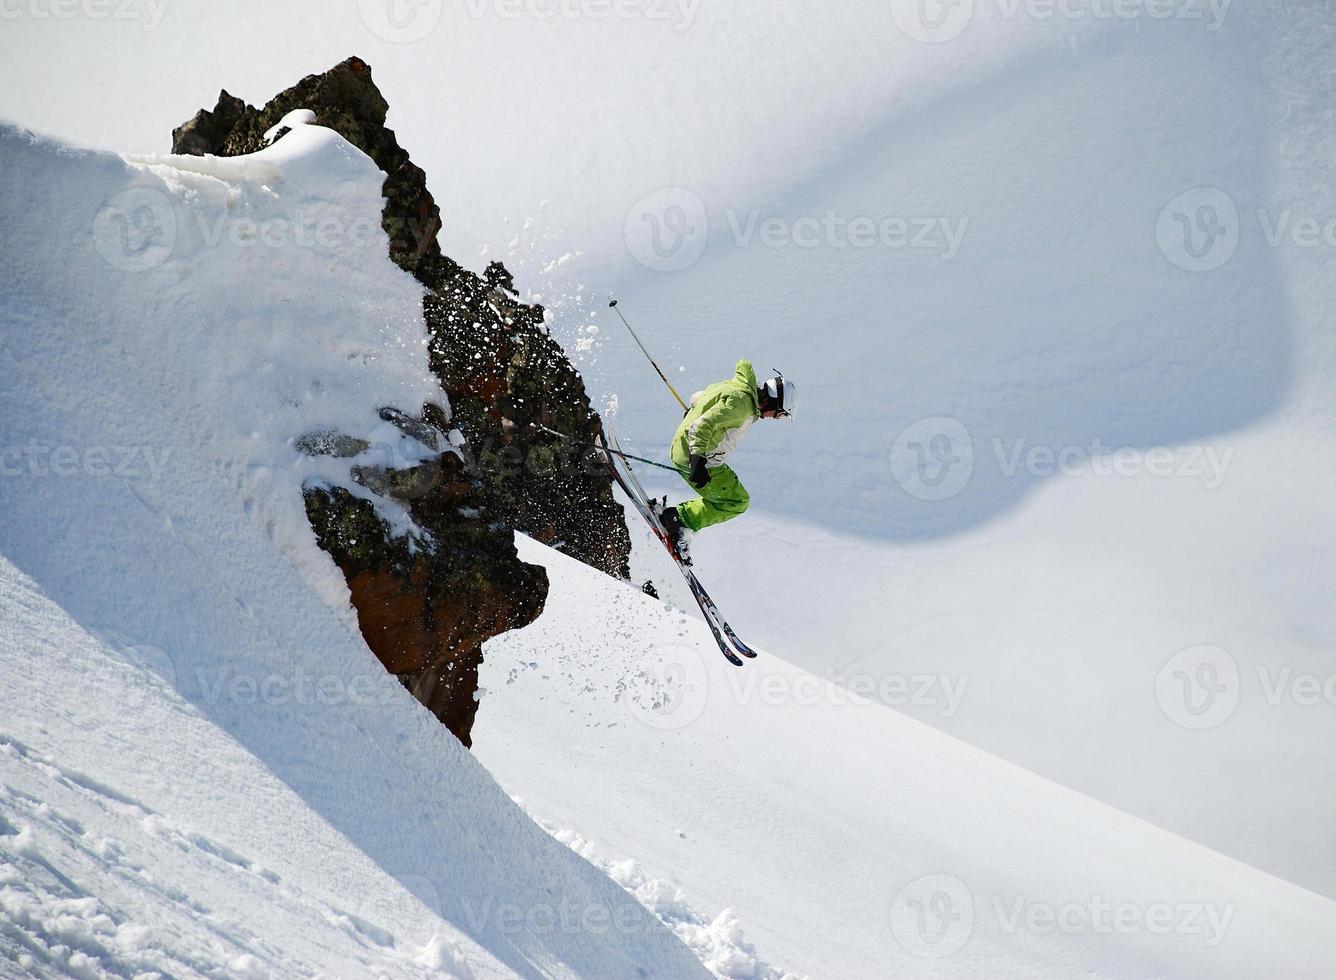 esquiador pulando de um penhasco foto